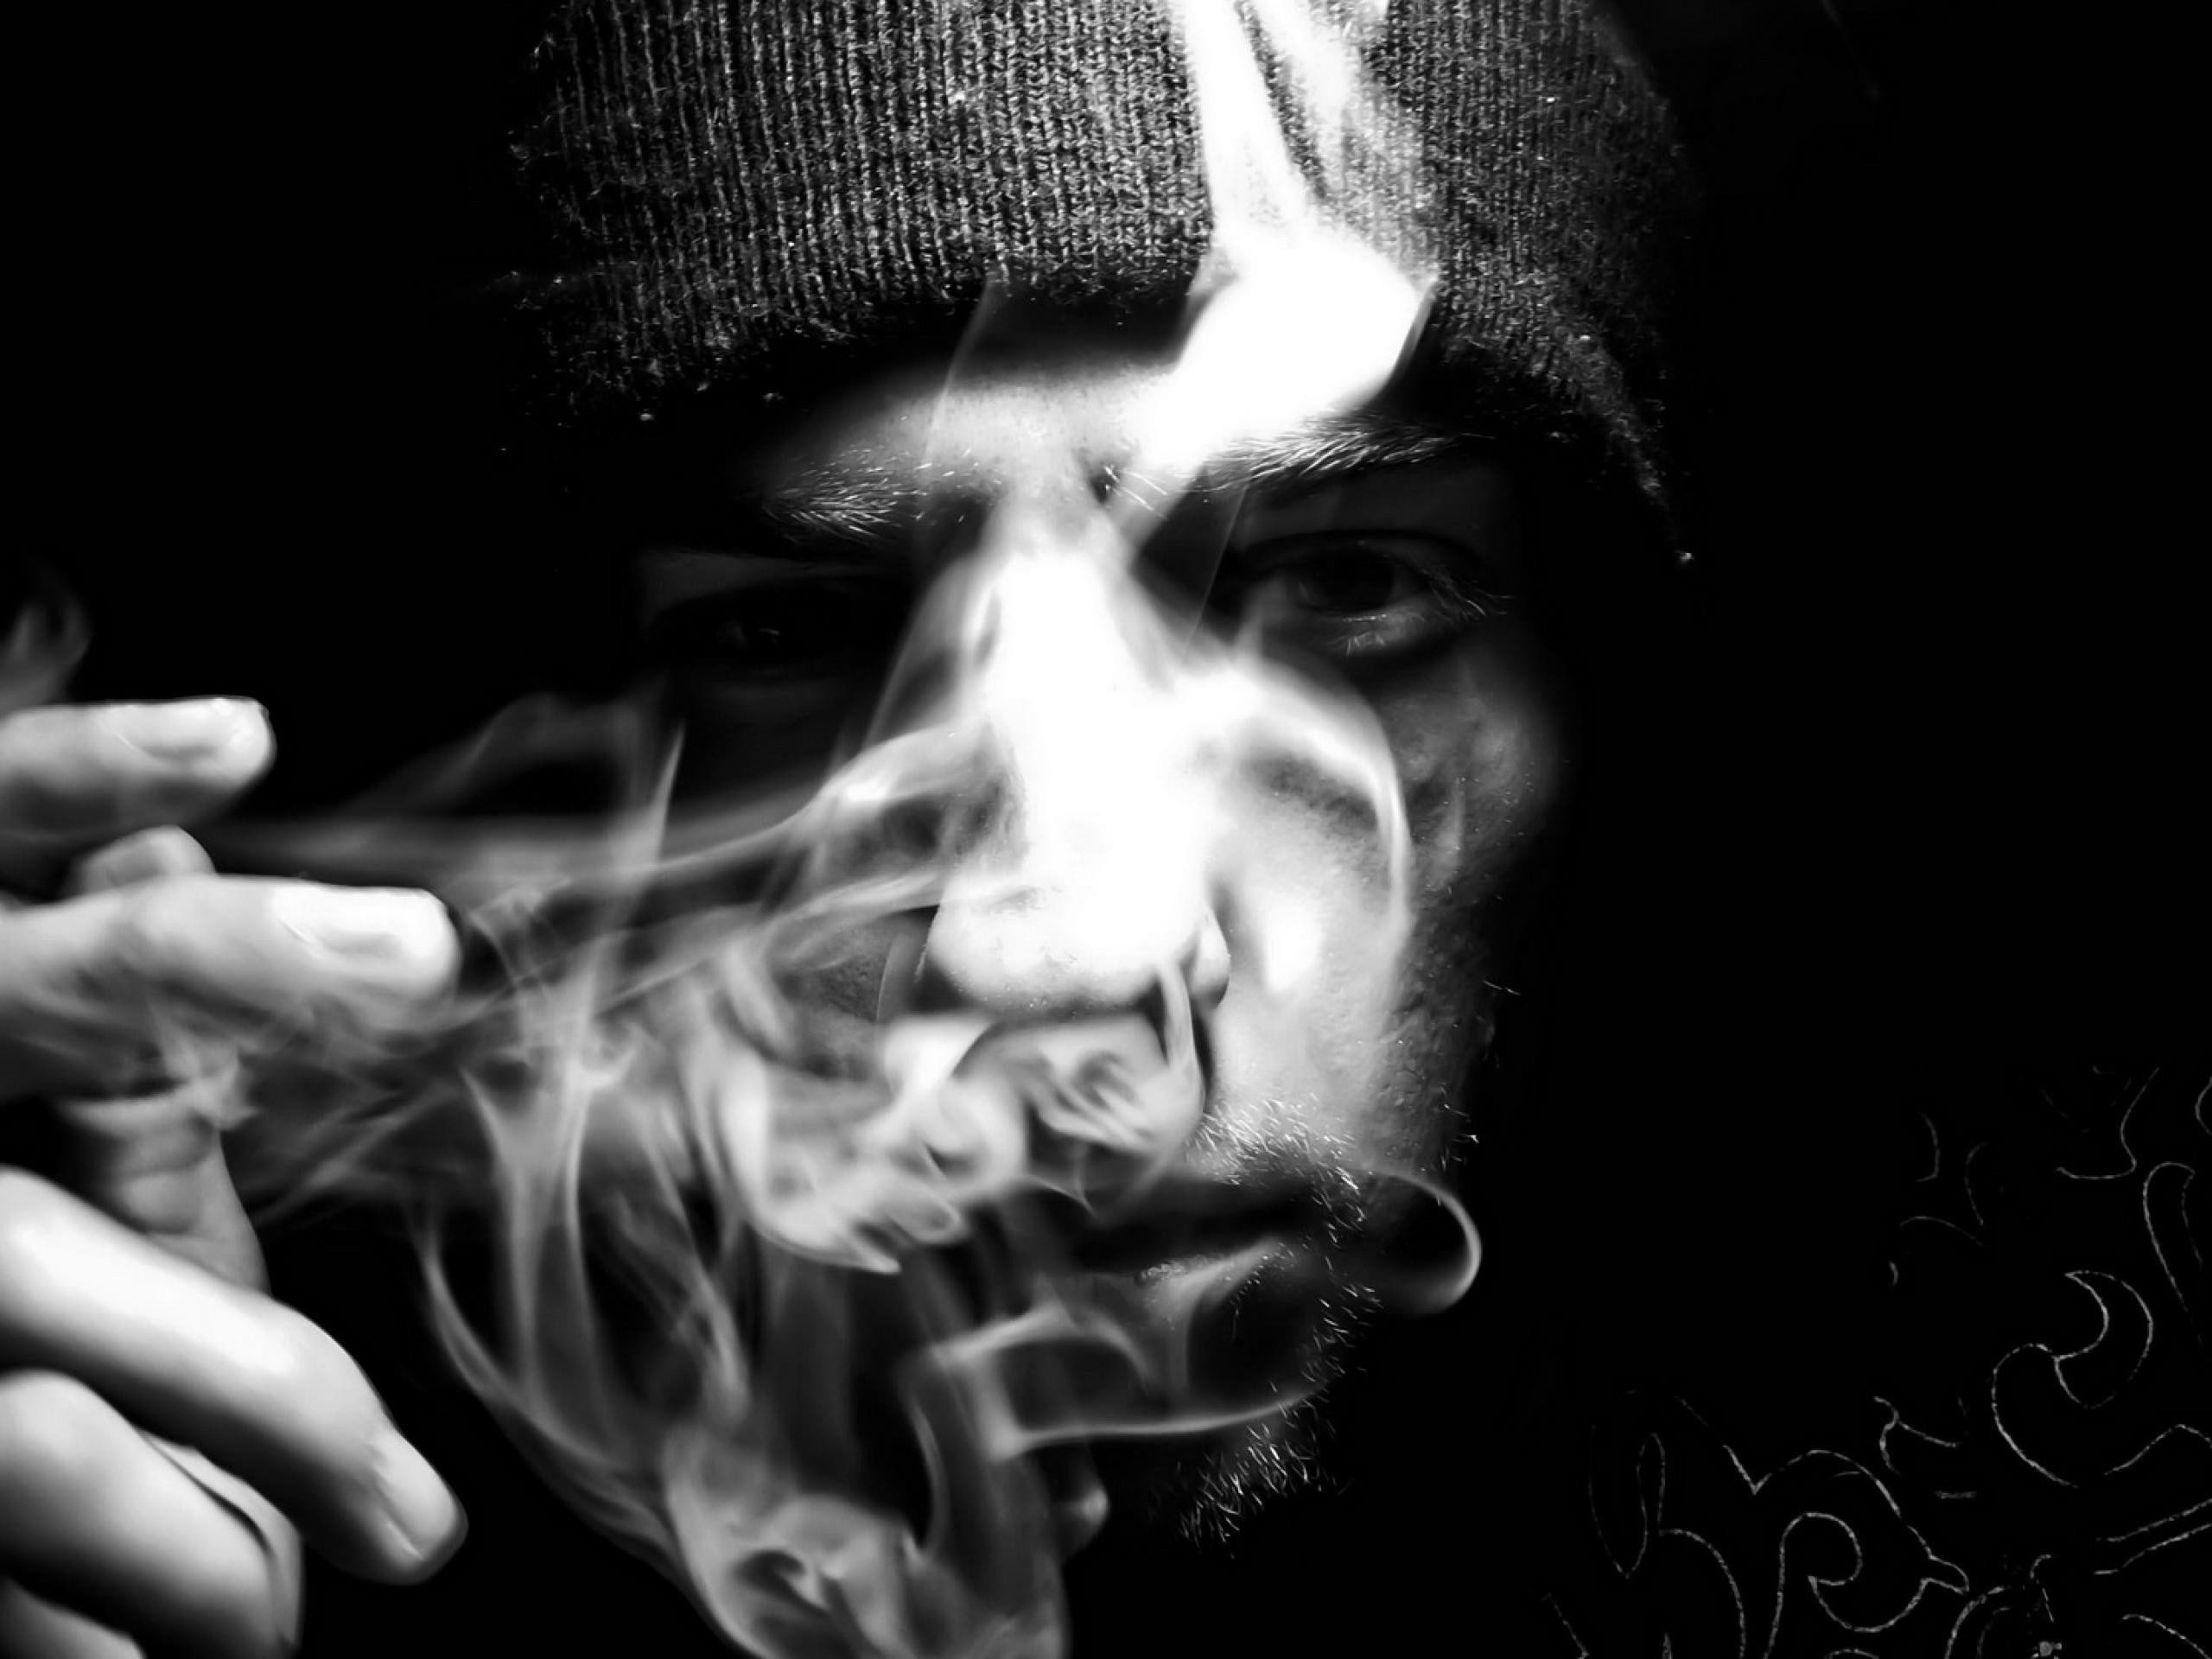 Smoking wallpapers hd hd picturez